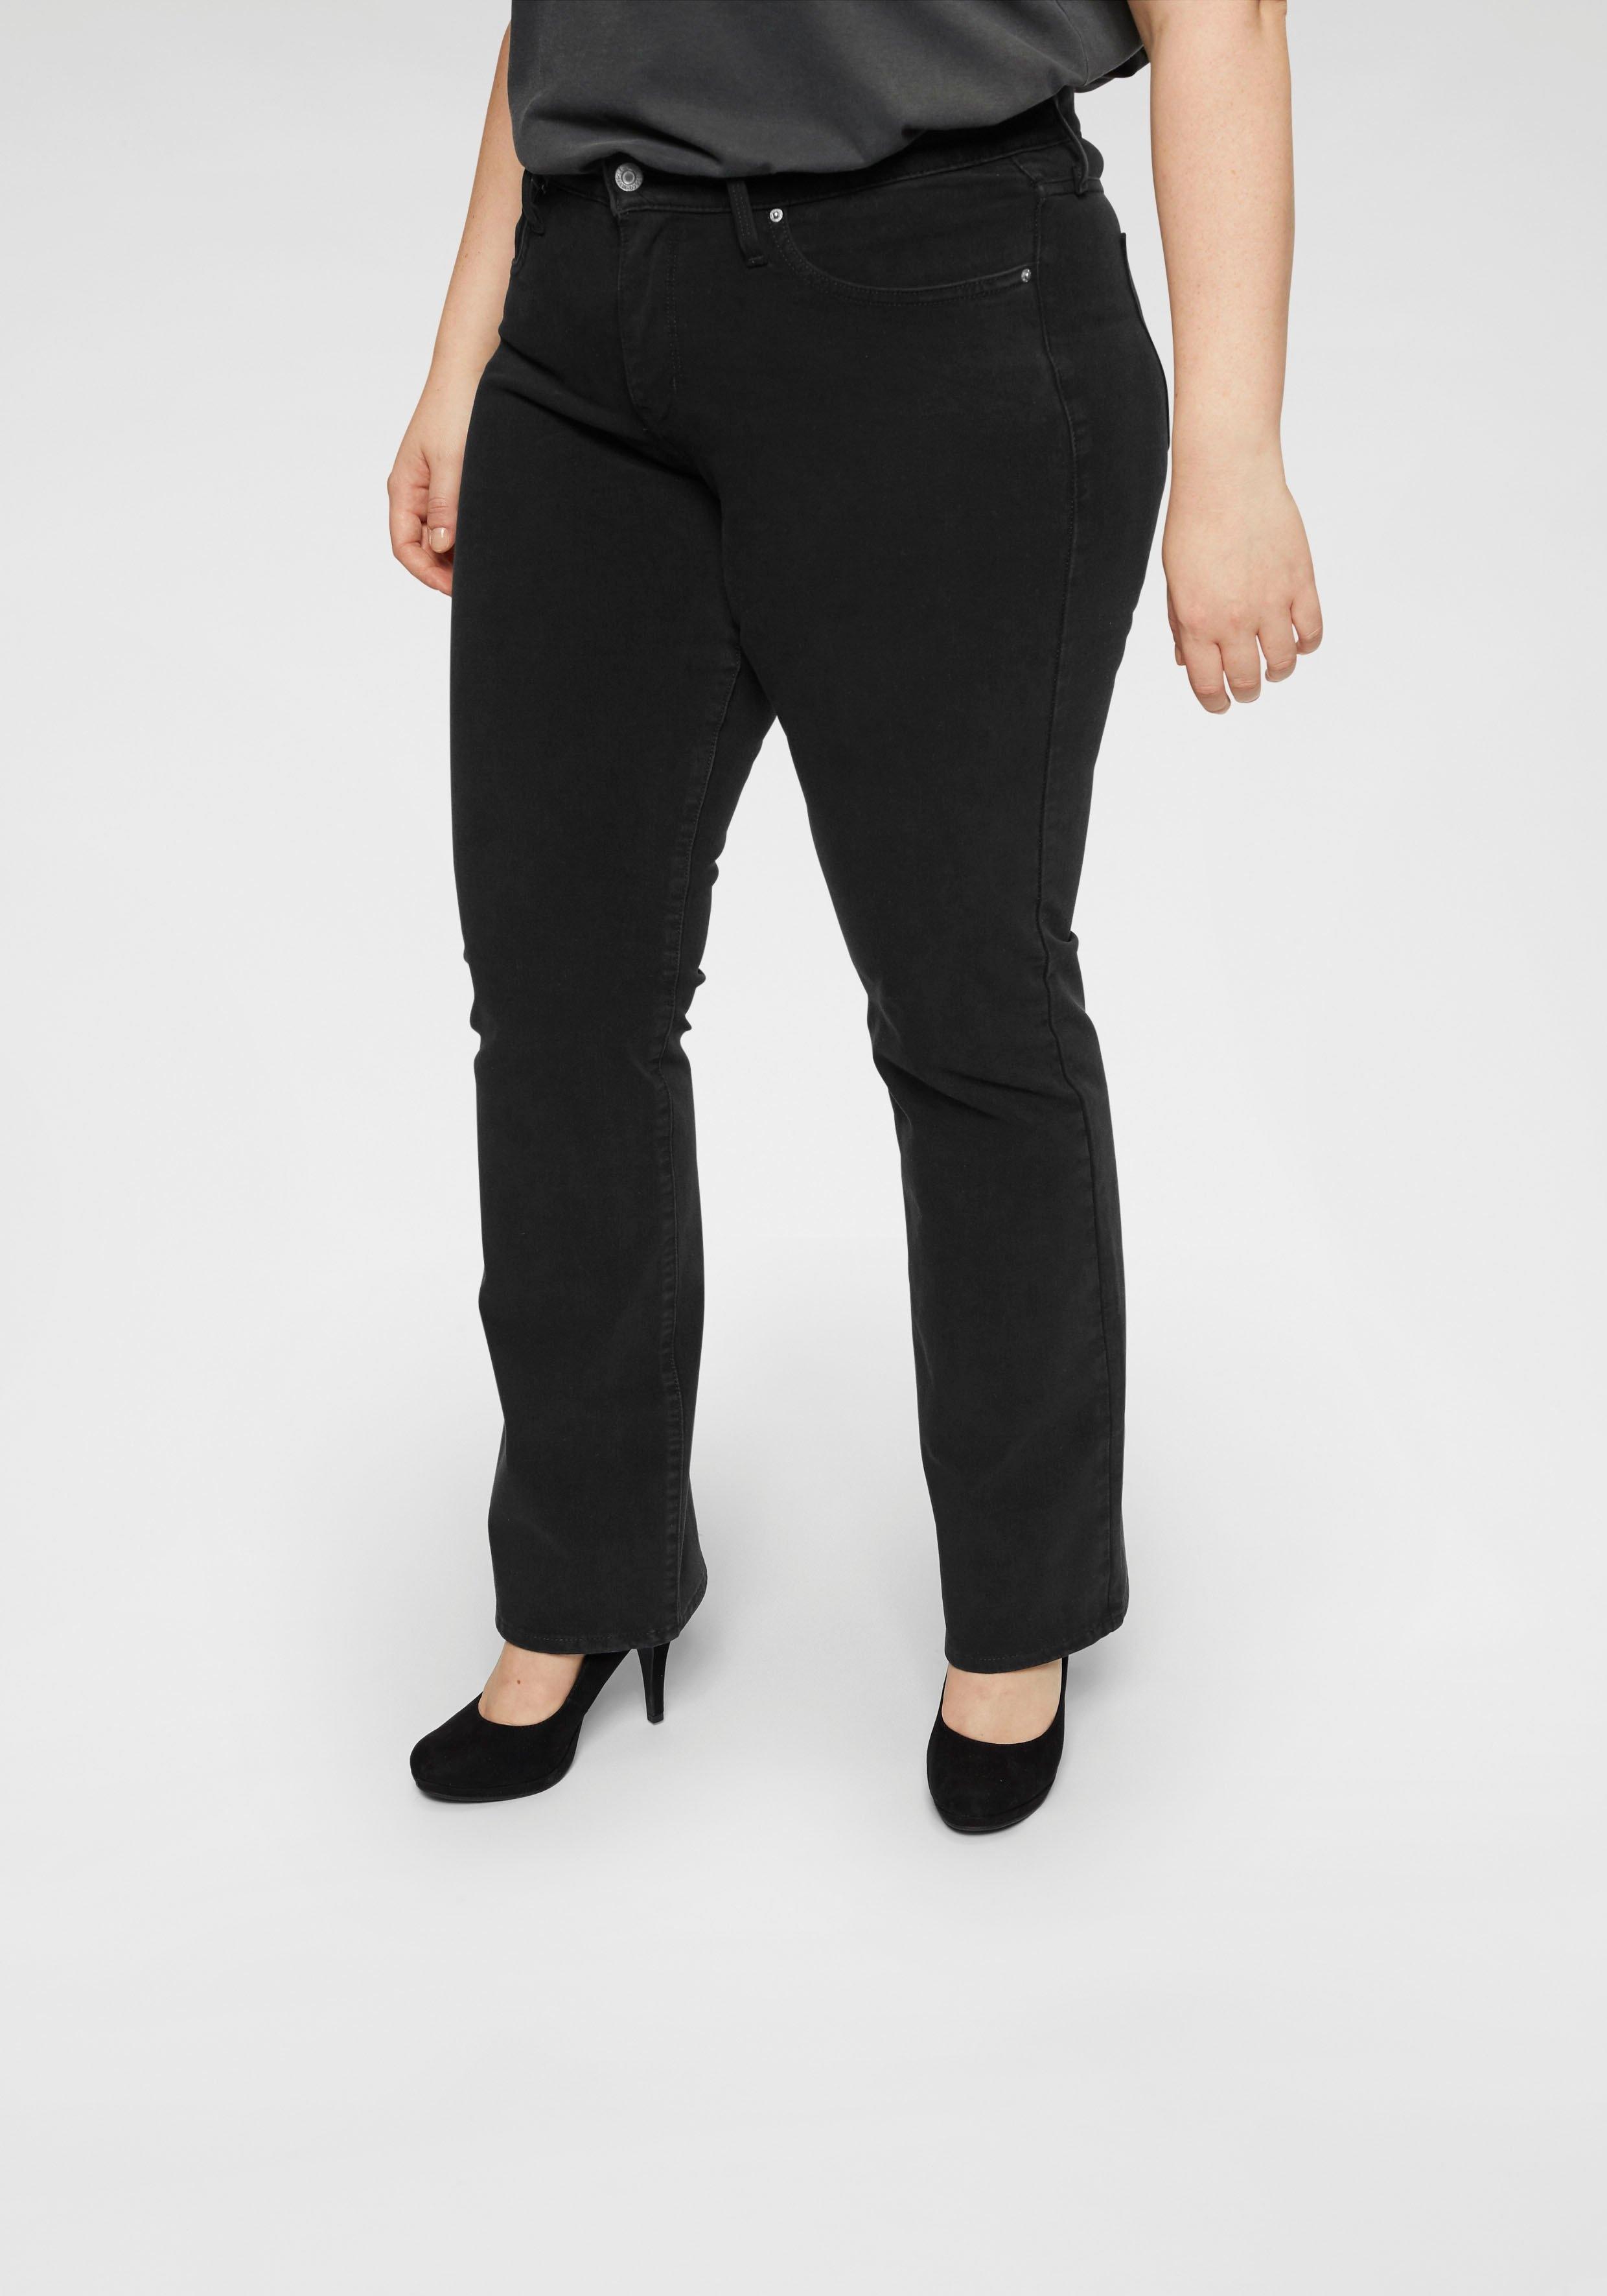 Levi's Plus Levi's® Plus bootcut jeans 725 High rise bestellen: 30 dagen bedenktijd